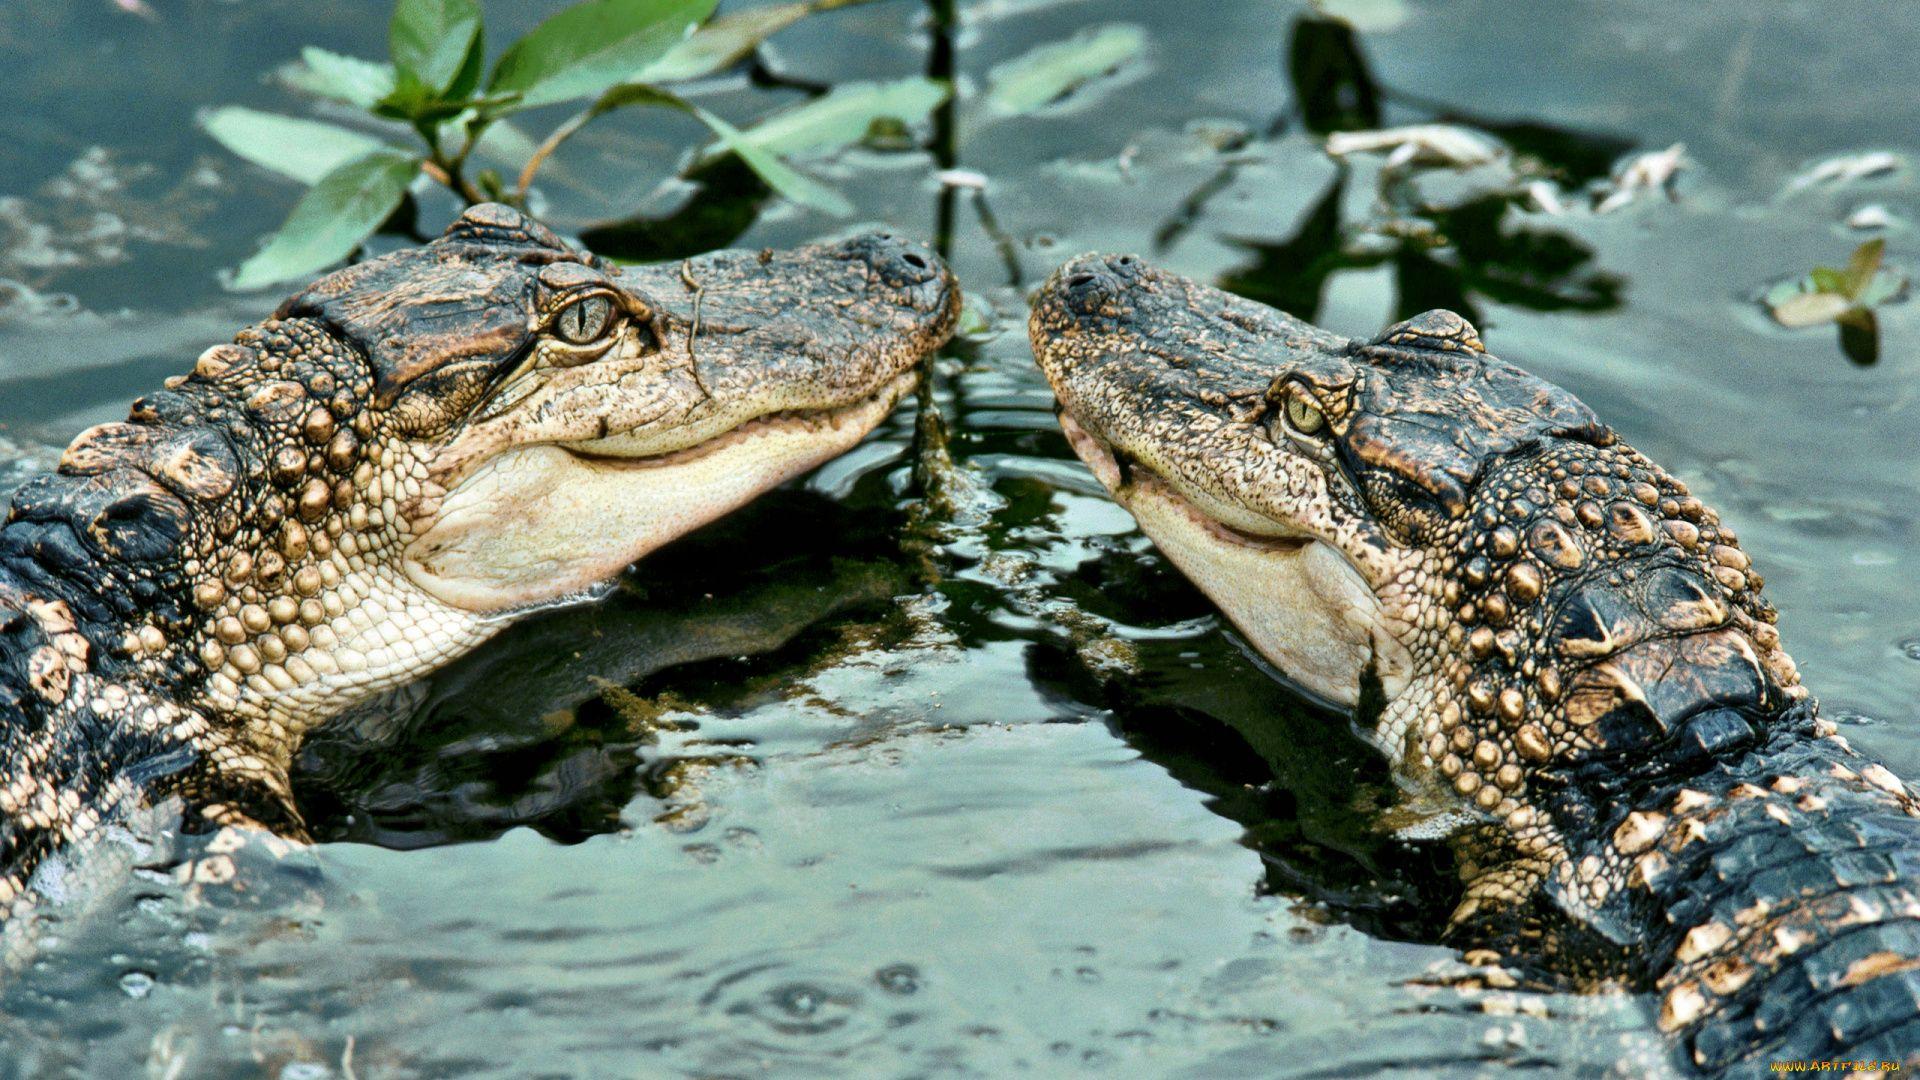 Alligator Mississippiensis (alligator Mississippiensis